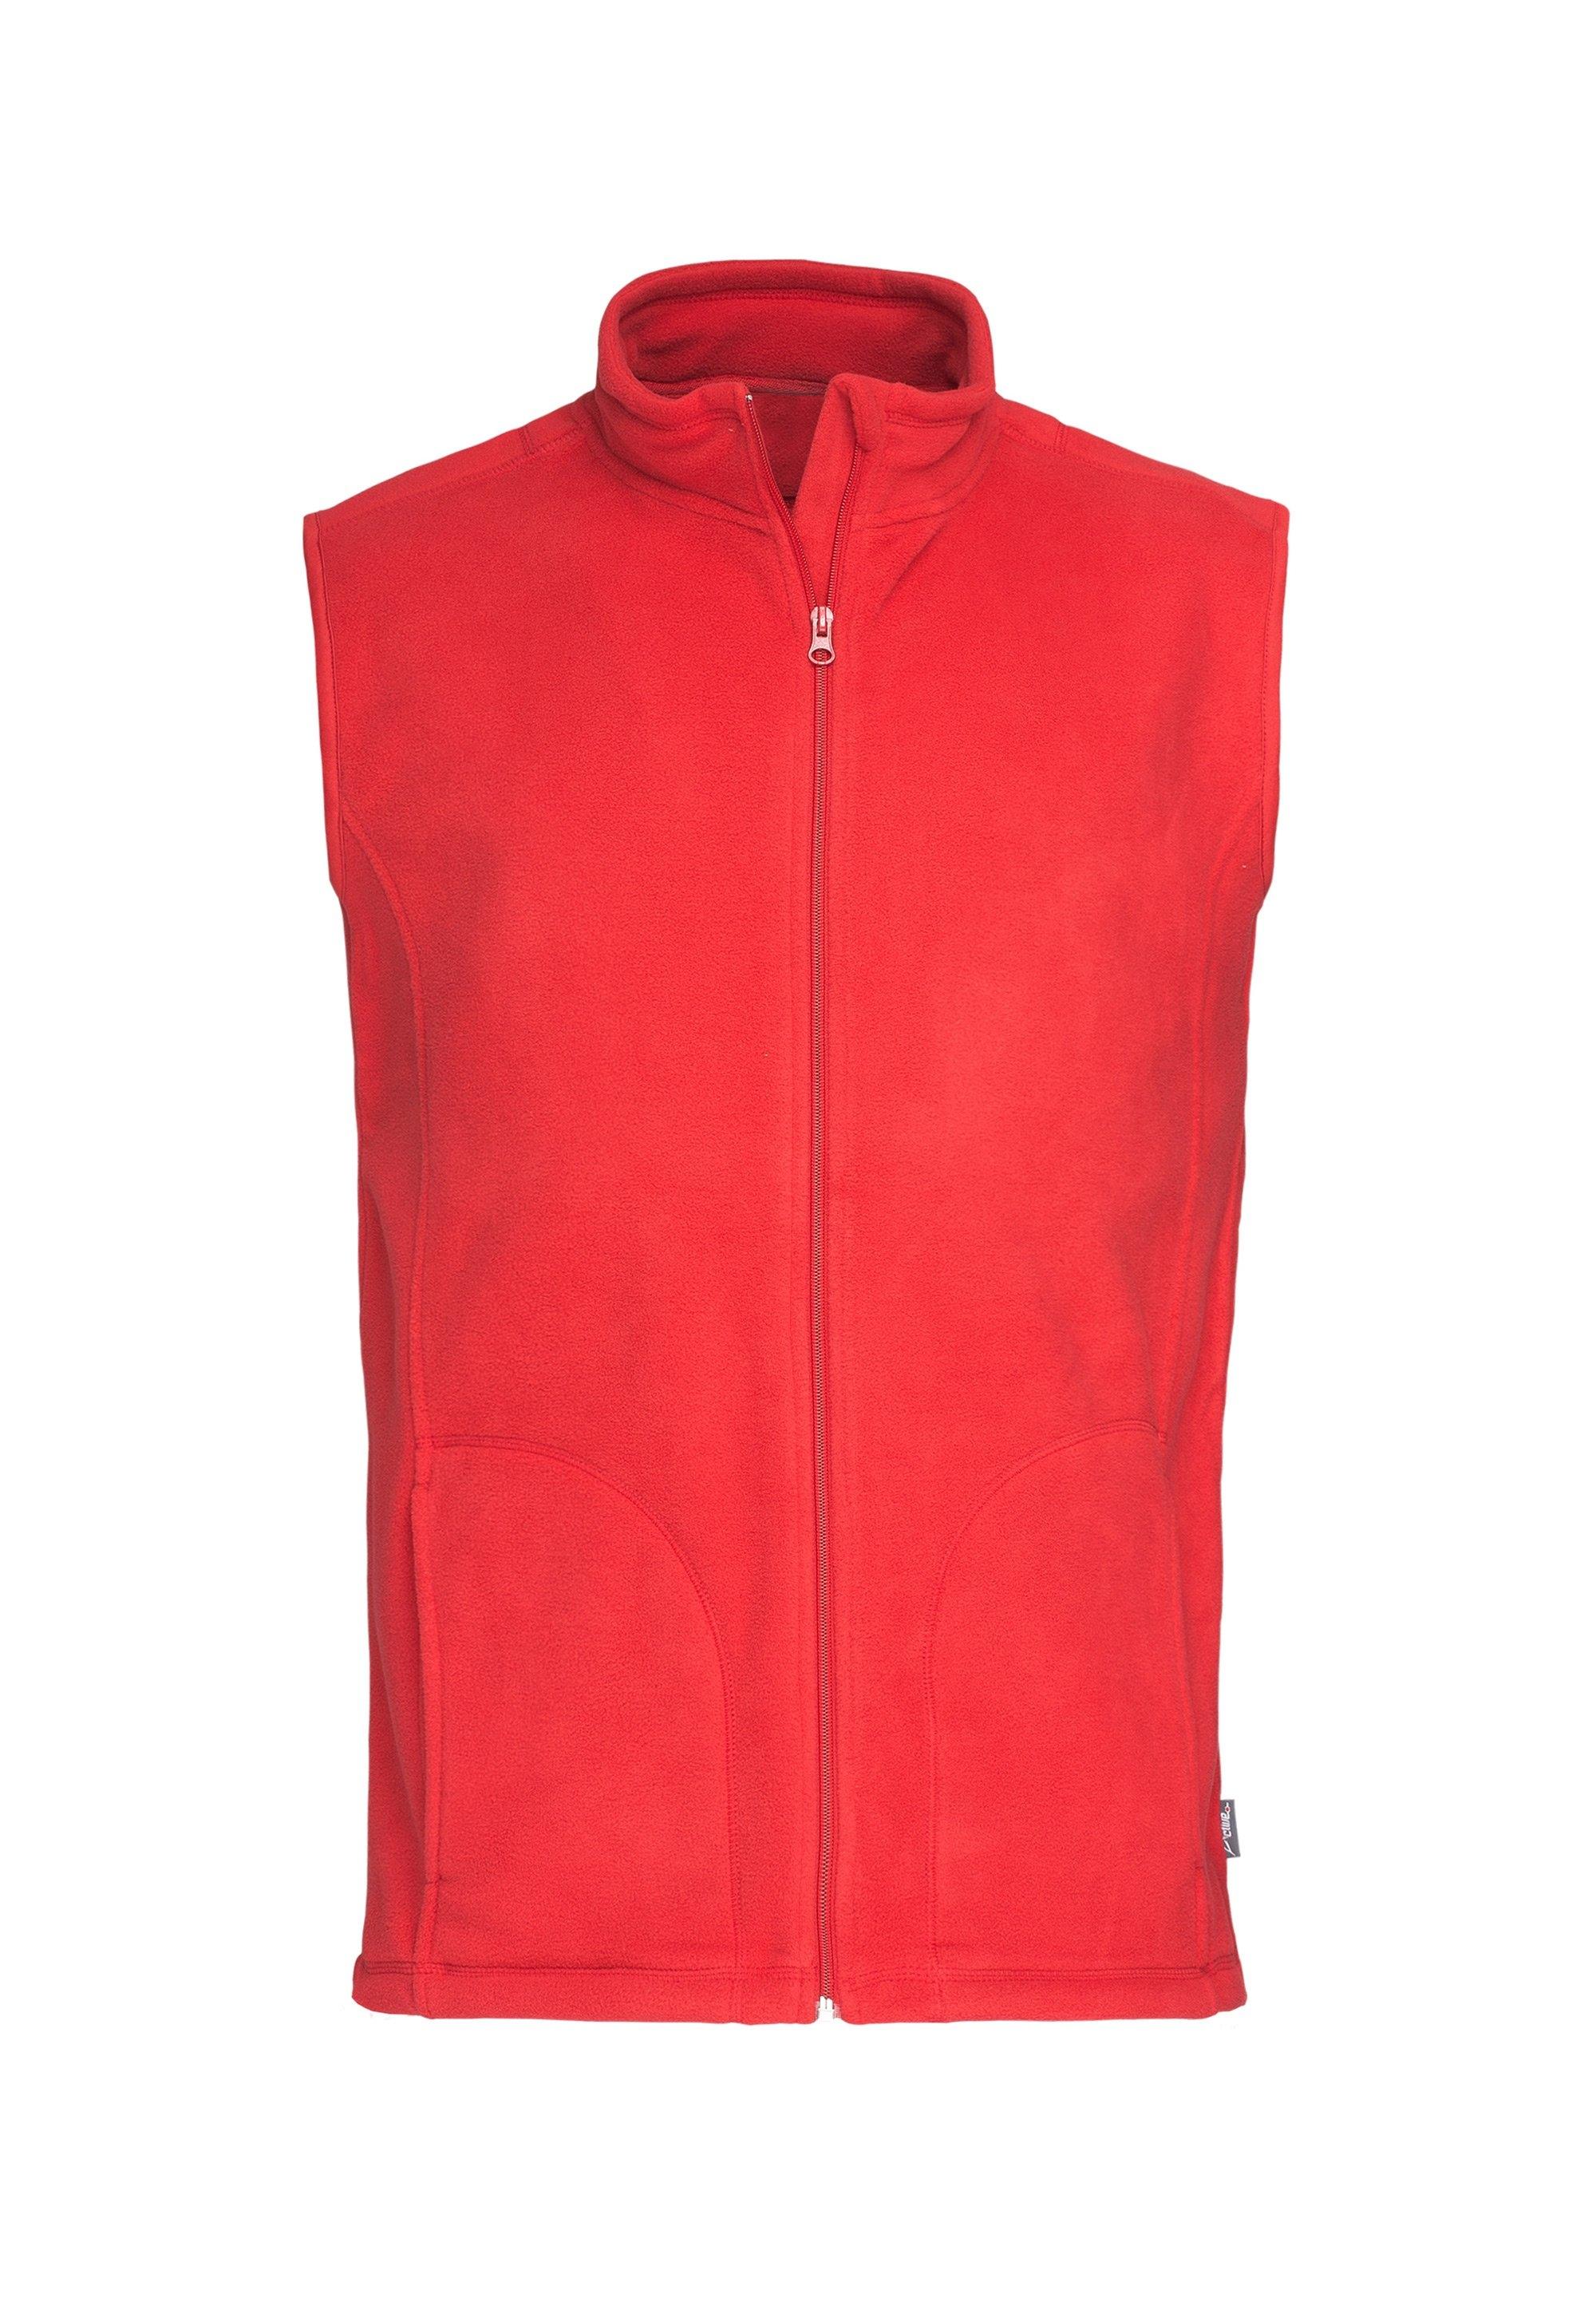 Op zoek naar een Stedman mouwloos fleecevest Outdoor Fleece Vest met opstaande kraag? Koop online bij OTTO